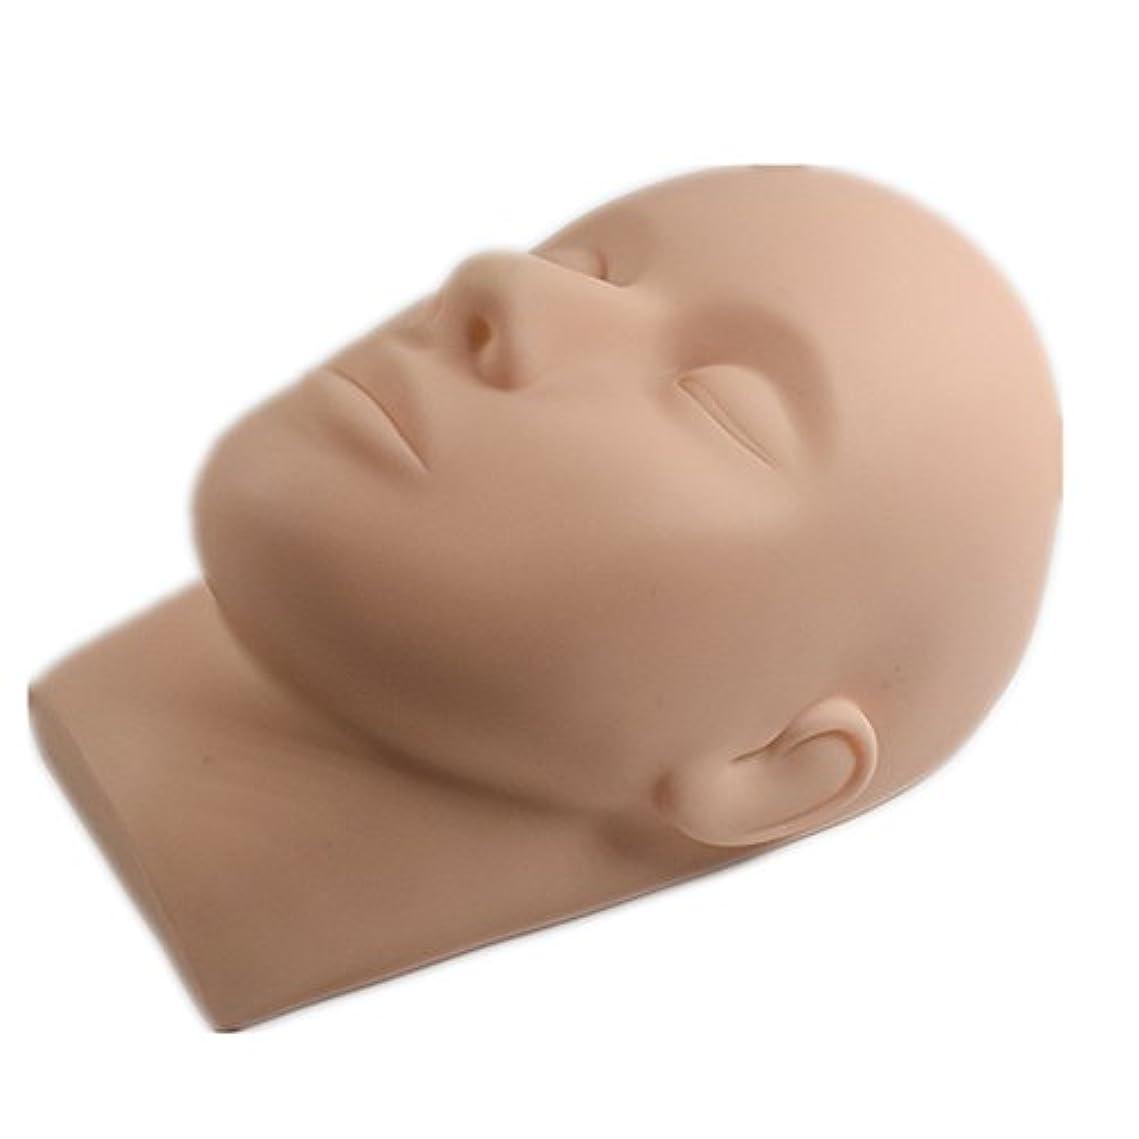 鈍い使用法安心エクステ施術トレーニング用マネキンヘッド フェイスマネキン